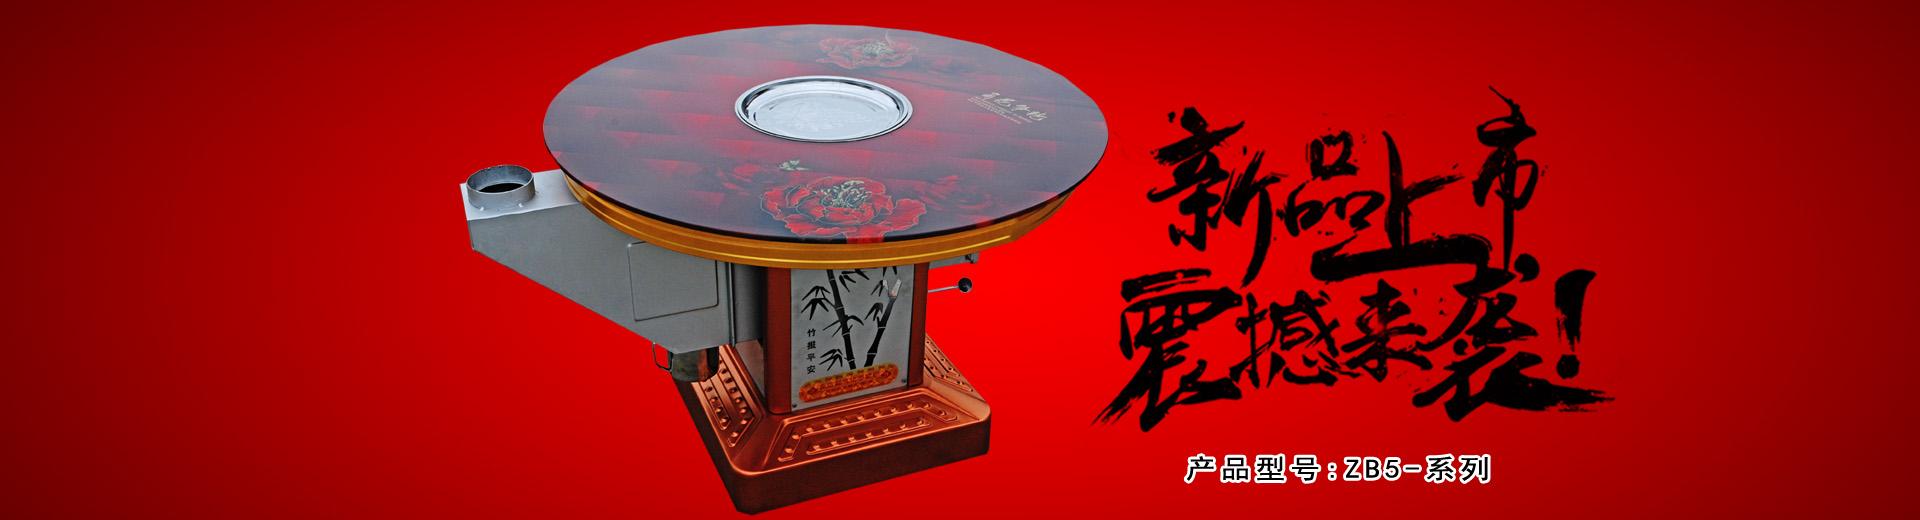 乐天堂fun88手机投注-乐天堂投注网-fun88.com